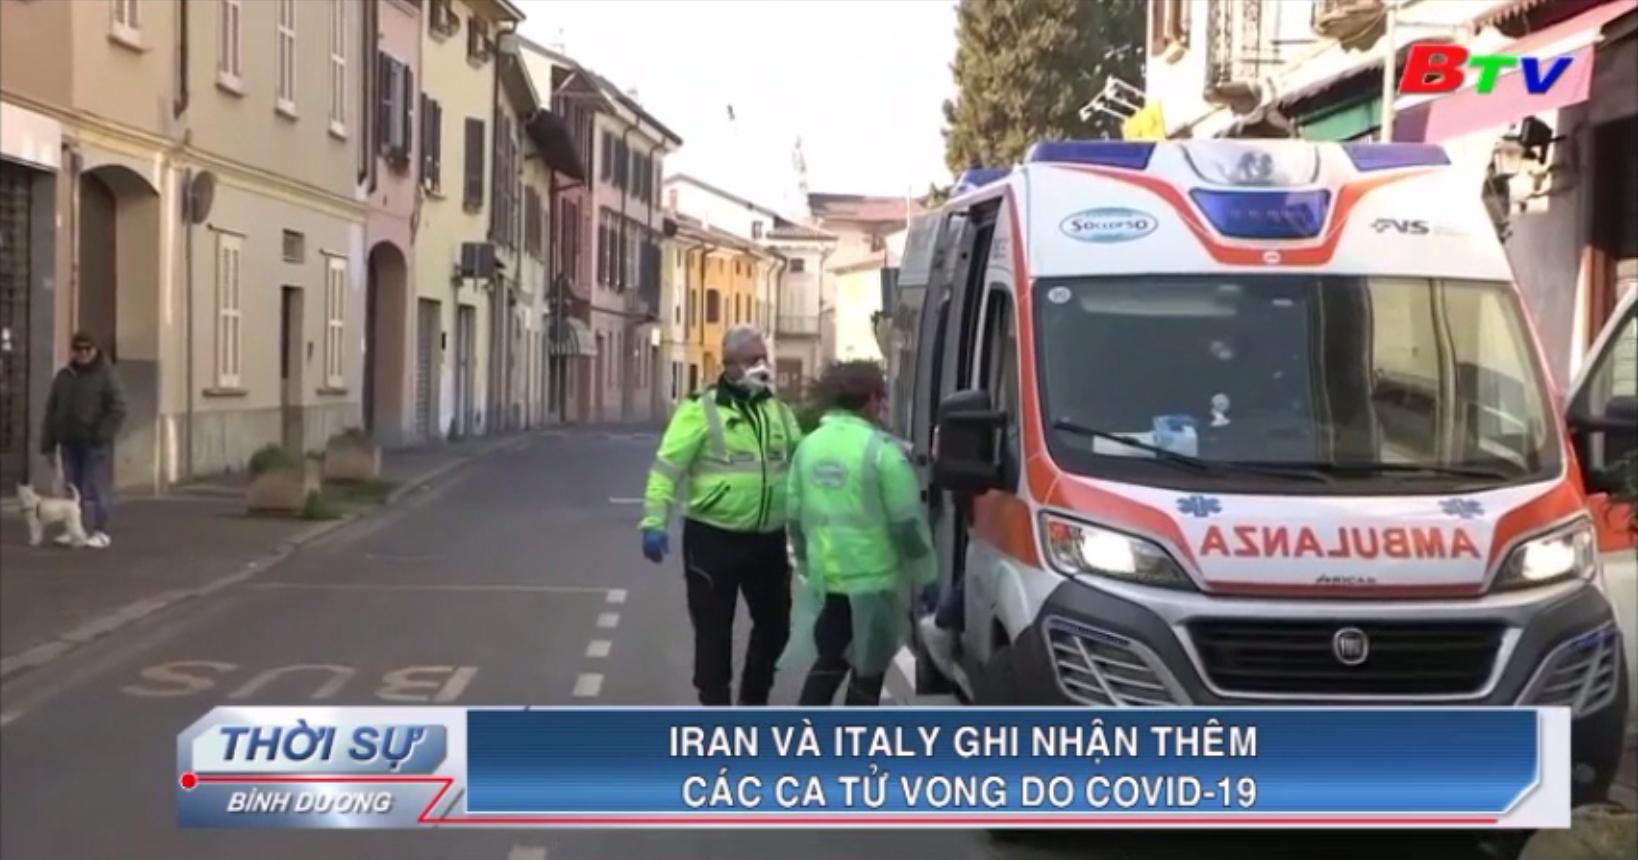 Iran và Italy ghi nhận thêm các ca tử vong do Covid-19